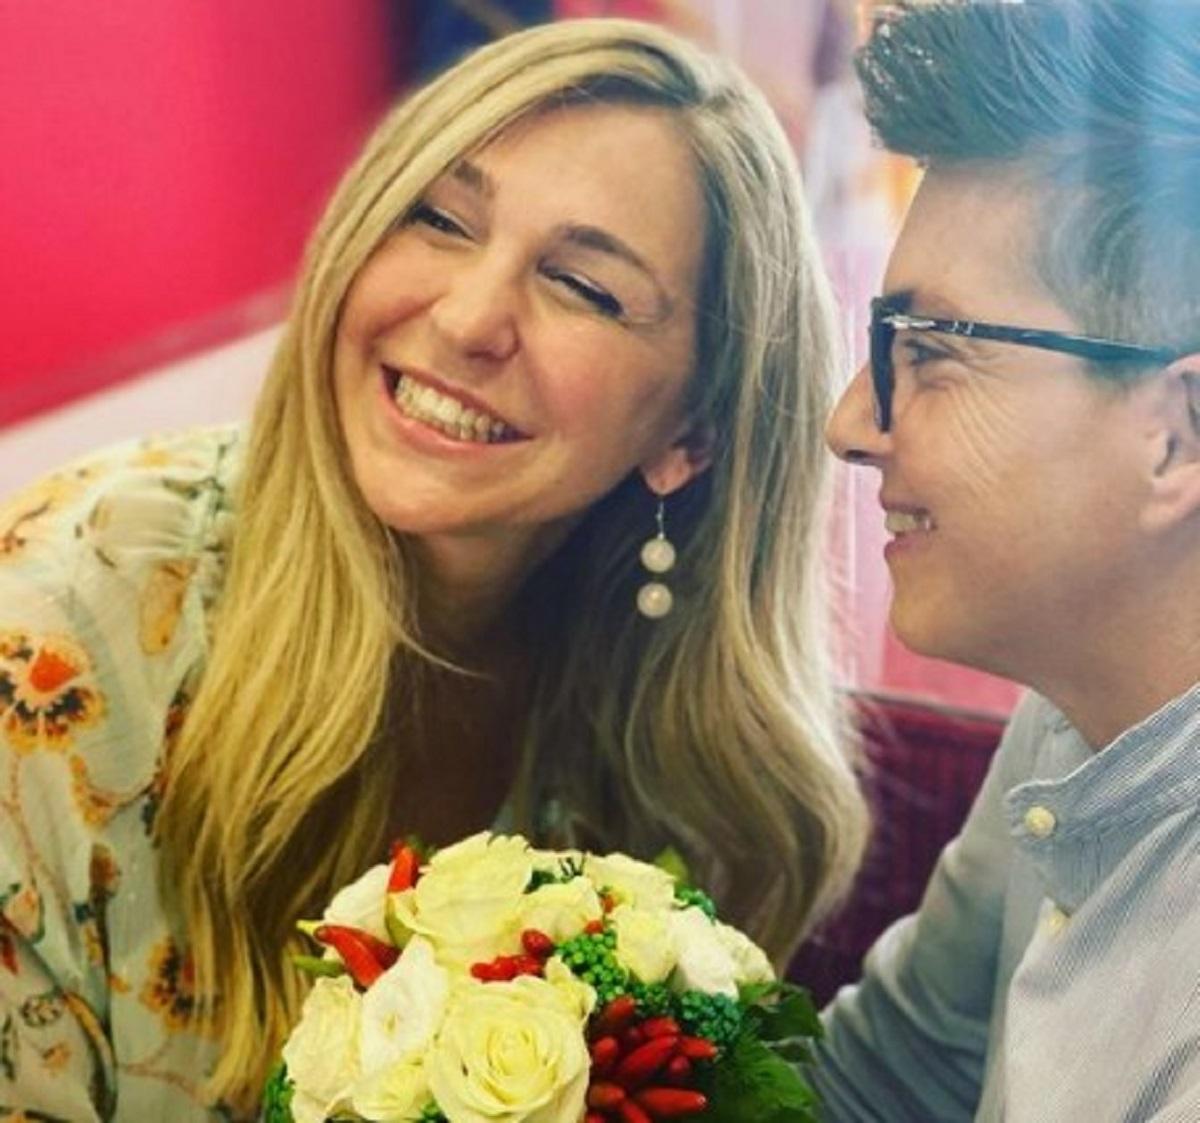 Ambra Angiolini testimone nozze amiche critica